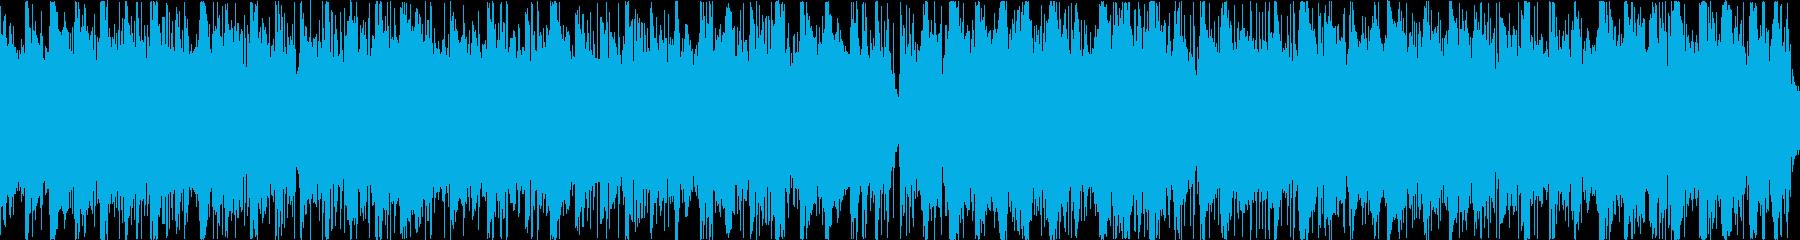 世界観のあるゲームに使える奇妙な感じの曲の再生済みの波形